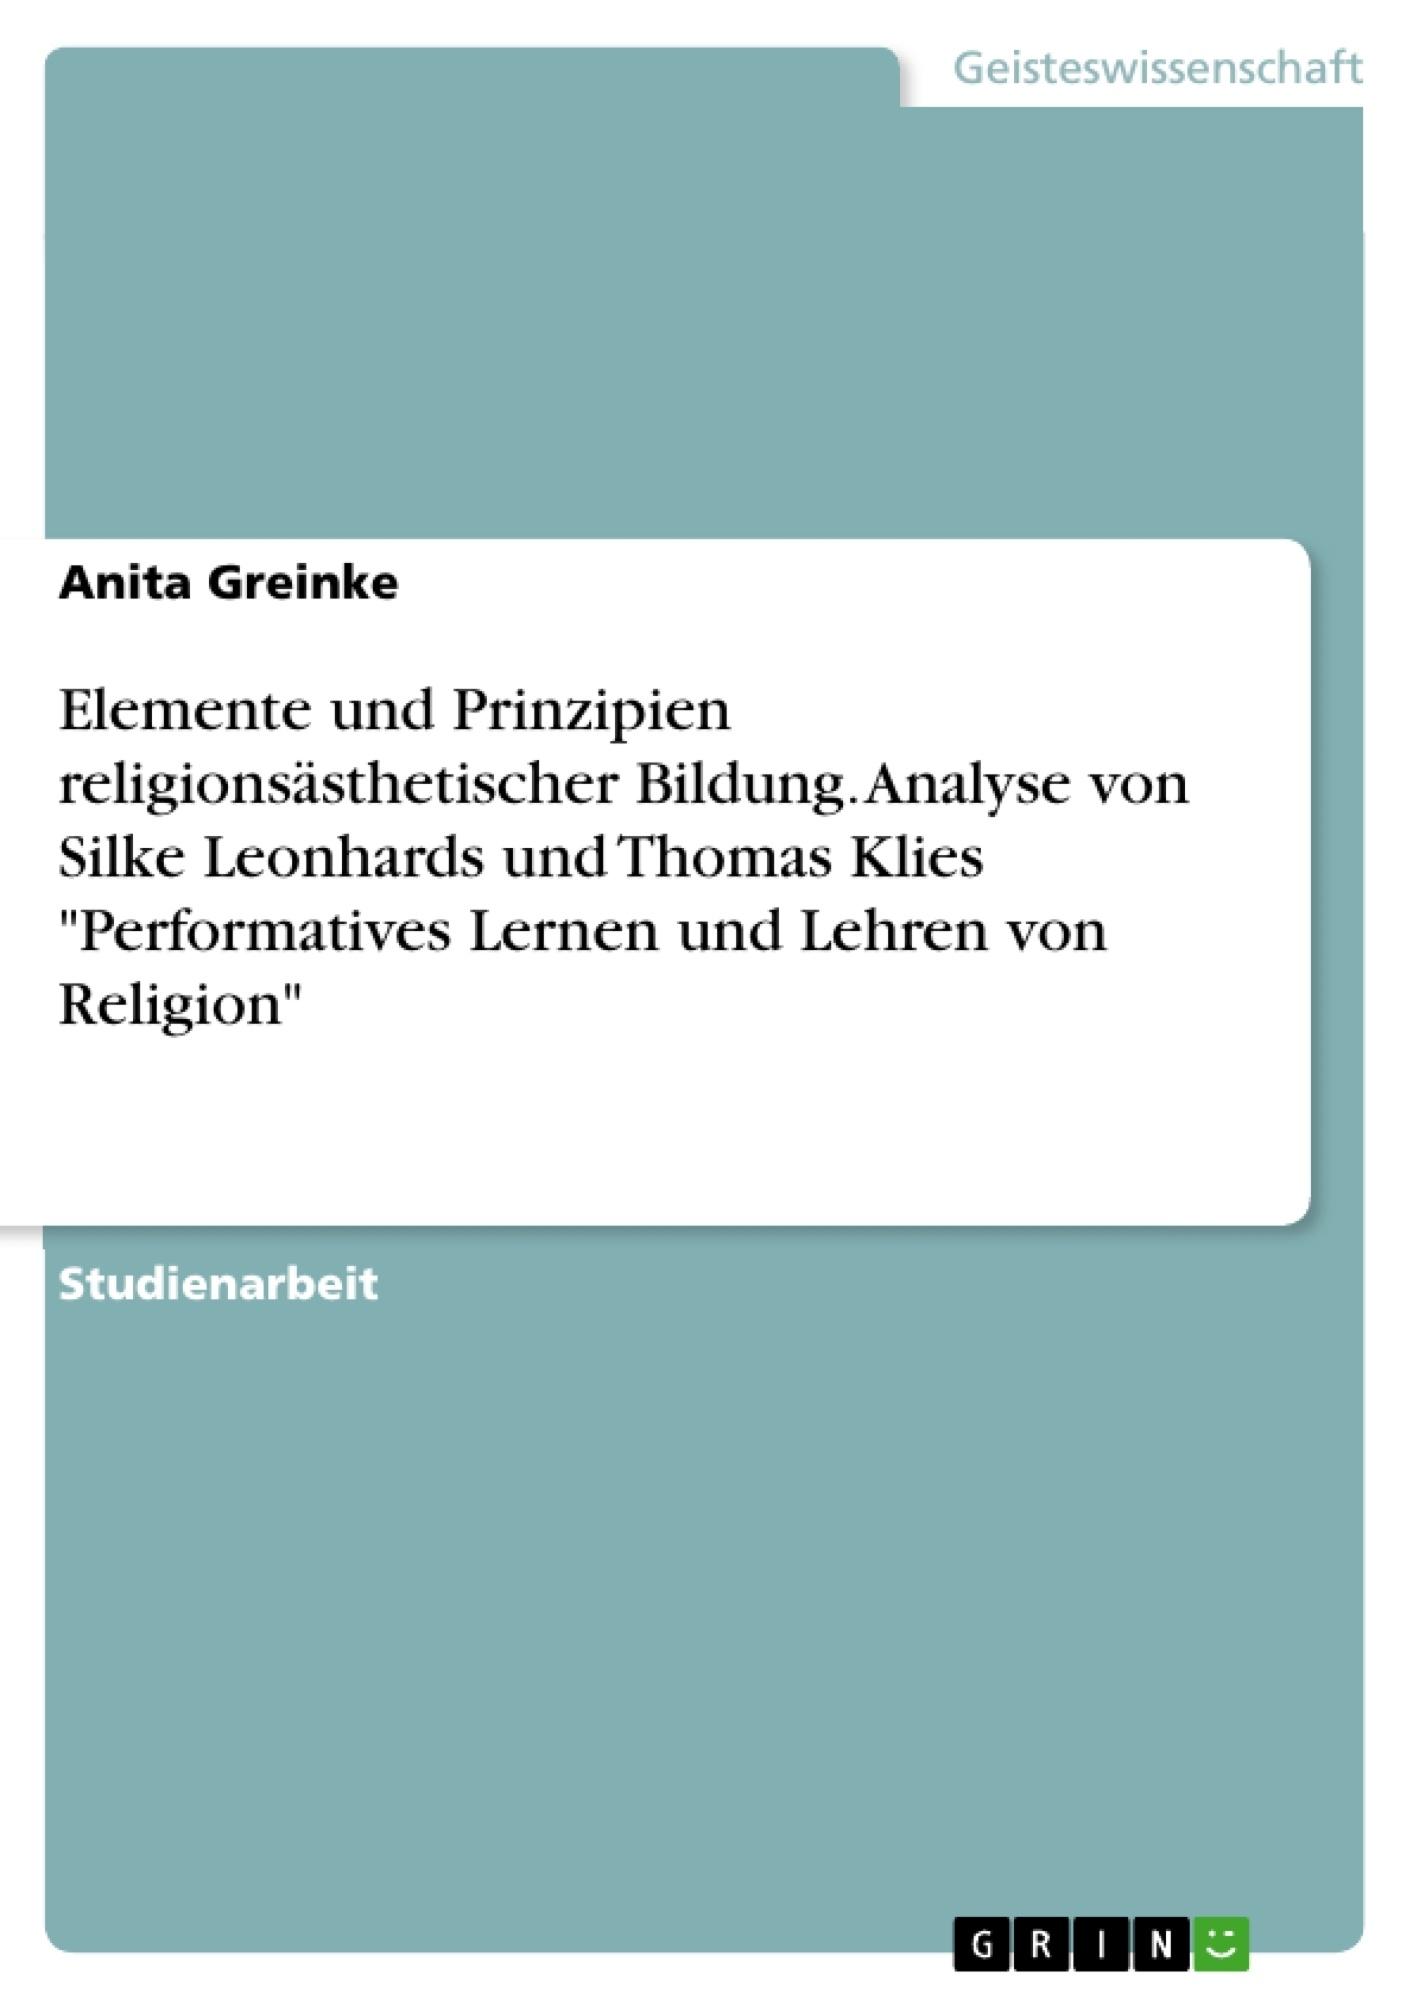 """Titel: Elemente und Prinzipien religionsästhetischer Bildung. Analyse von Silke Leonhards und Thomas Klies """"Performatives Lernen und Lehren von Religion"""""""